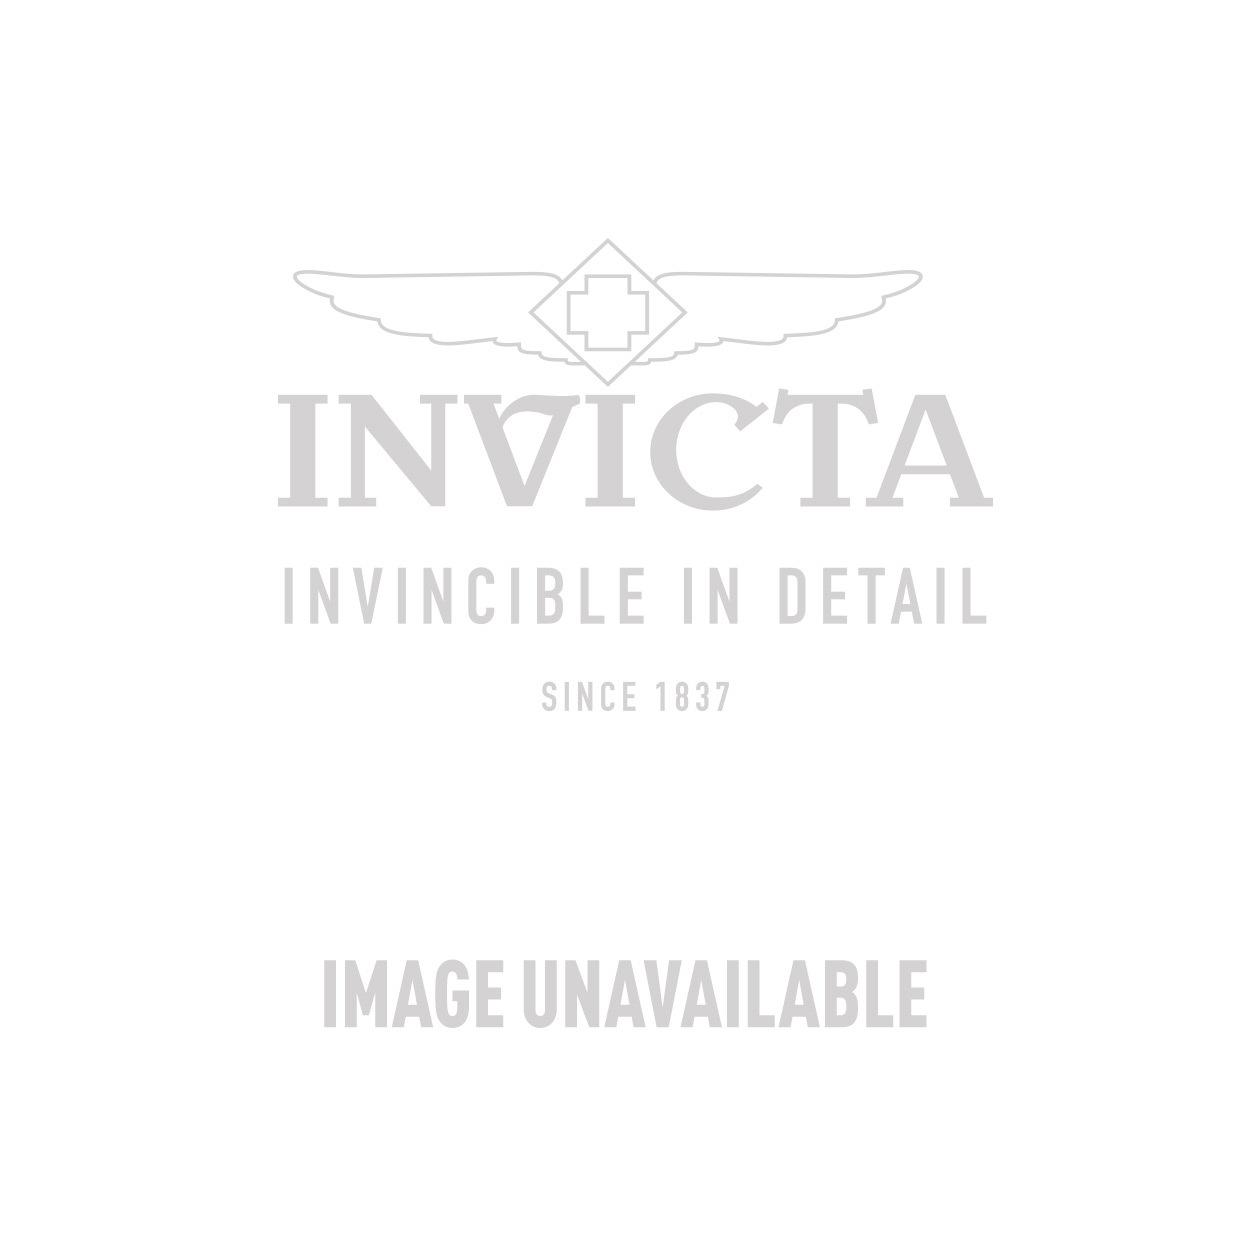 Invicta Model 24682